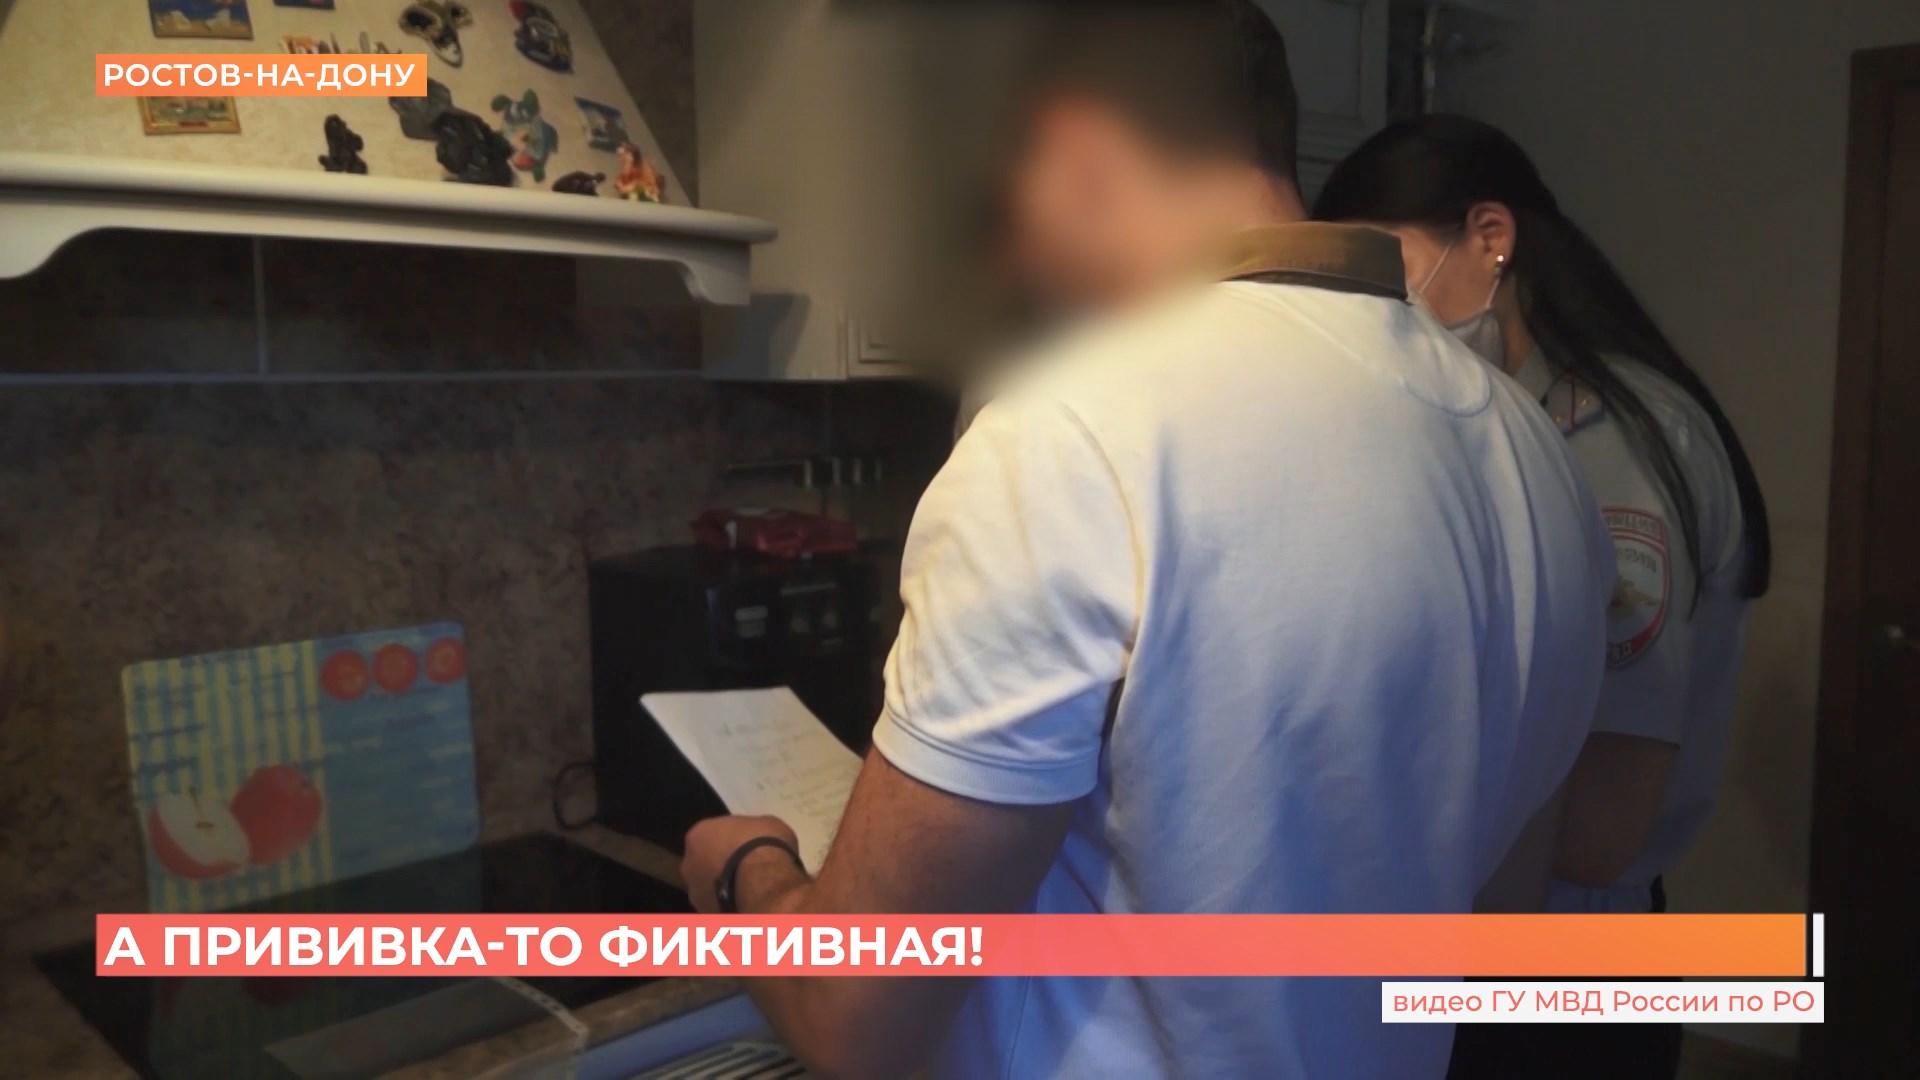 Ростовский городовой. 3 июля 2021